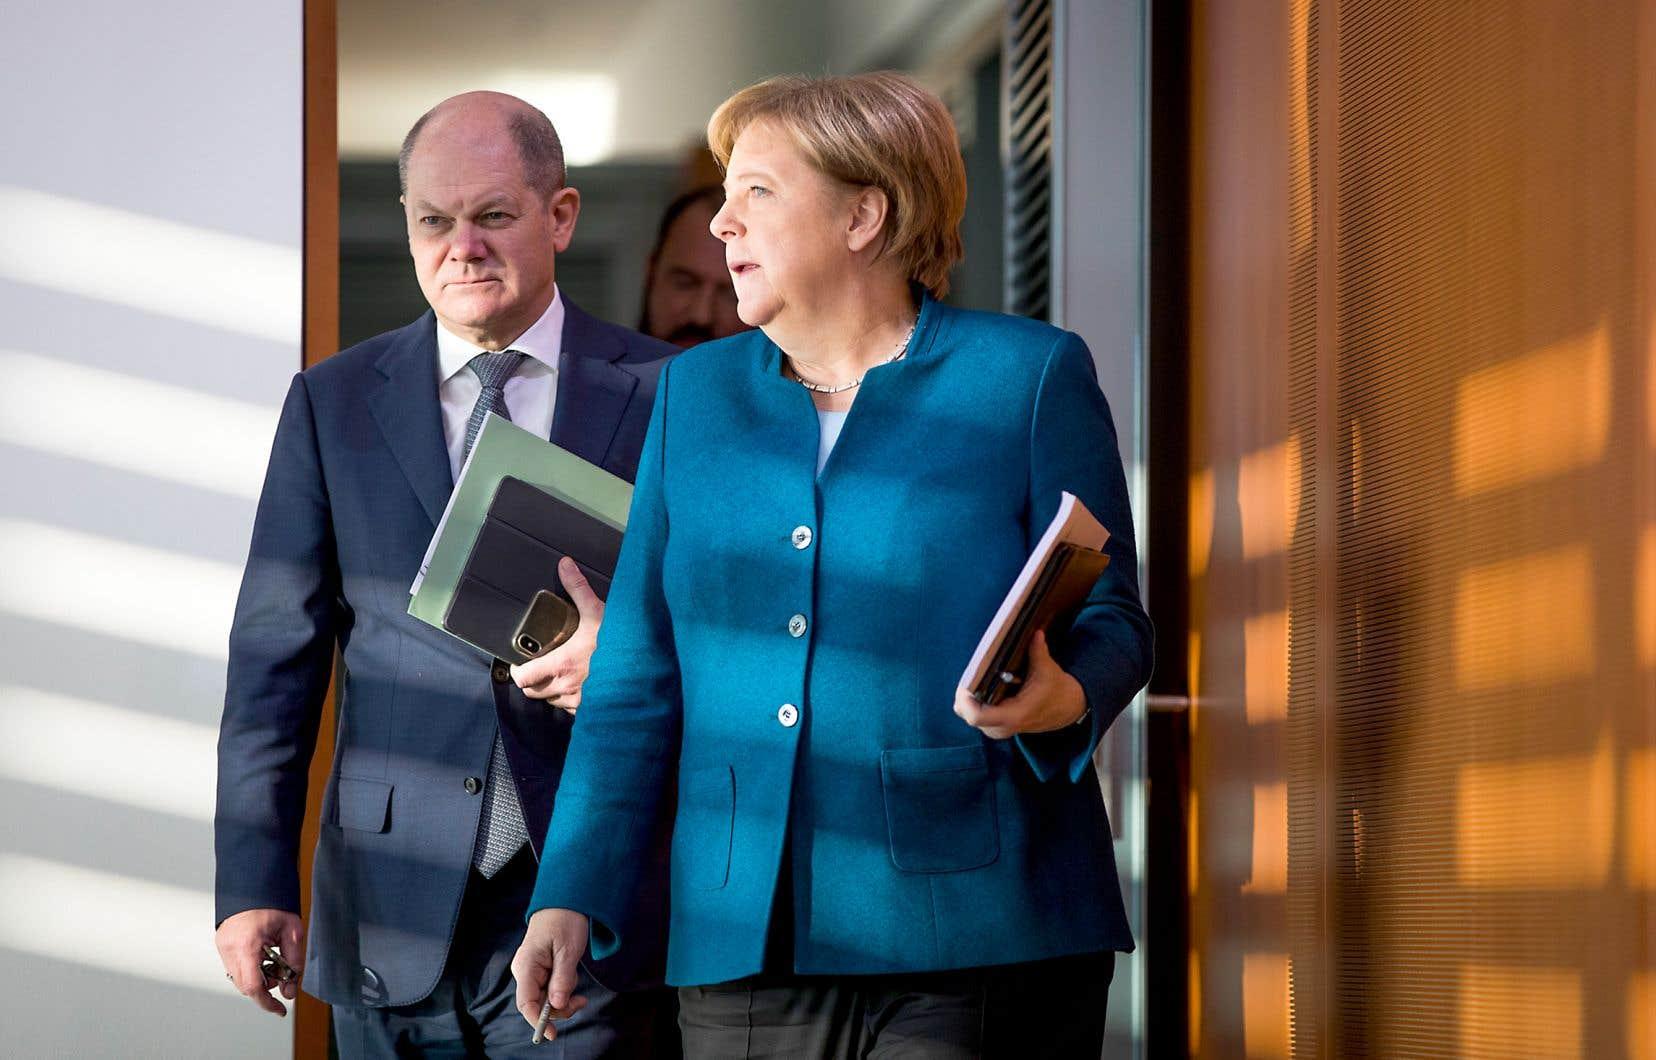 Selon le journal «Der Spiegel», la chancelière, Angela Merkel, et le ministre des Finances, Olaf Scholz, sont prêts à renoncer à l'équilibre budgétaire si le pays entre en récession.